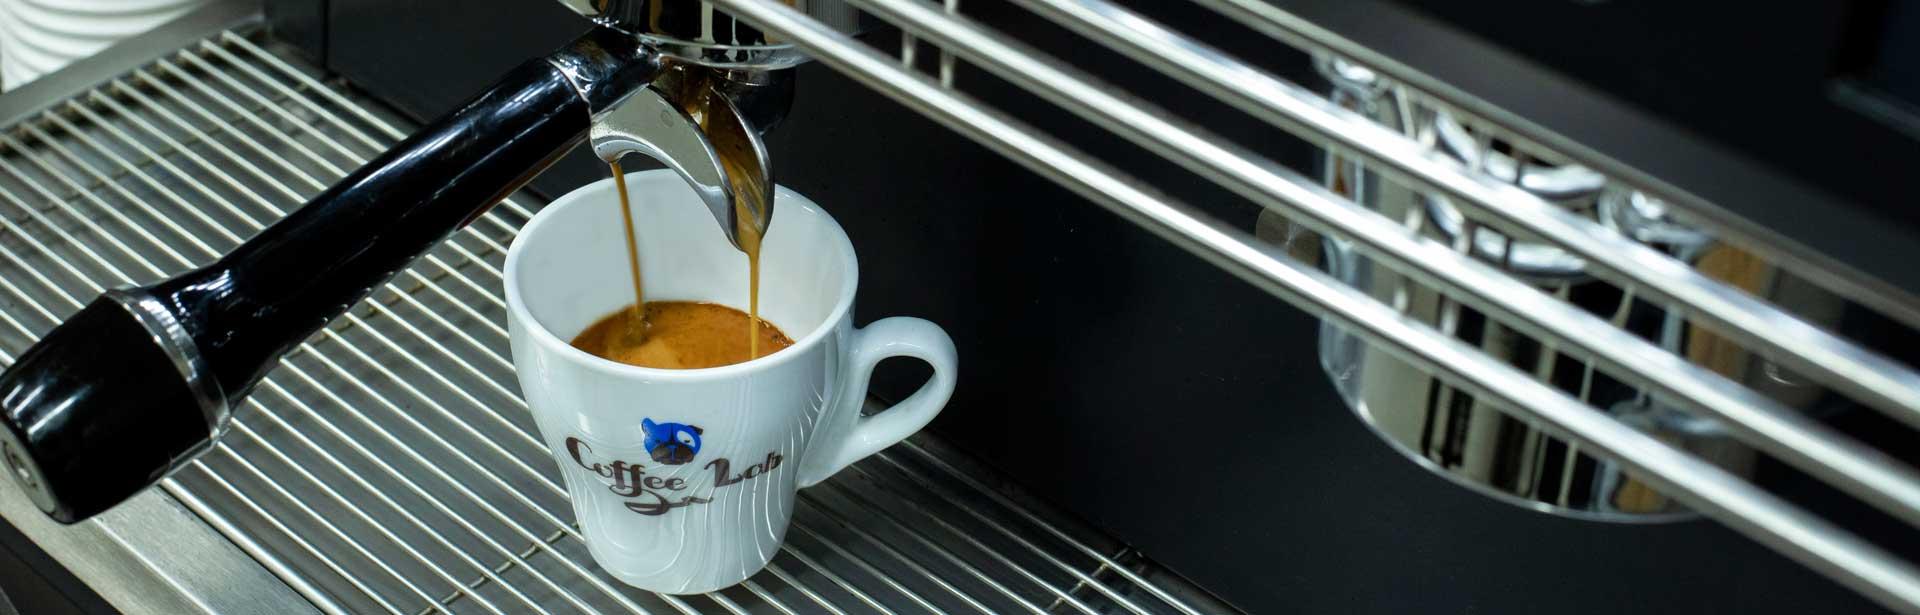 Εκχύλιση espresso Coffeelab